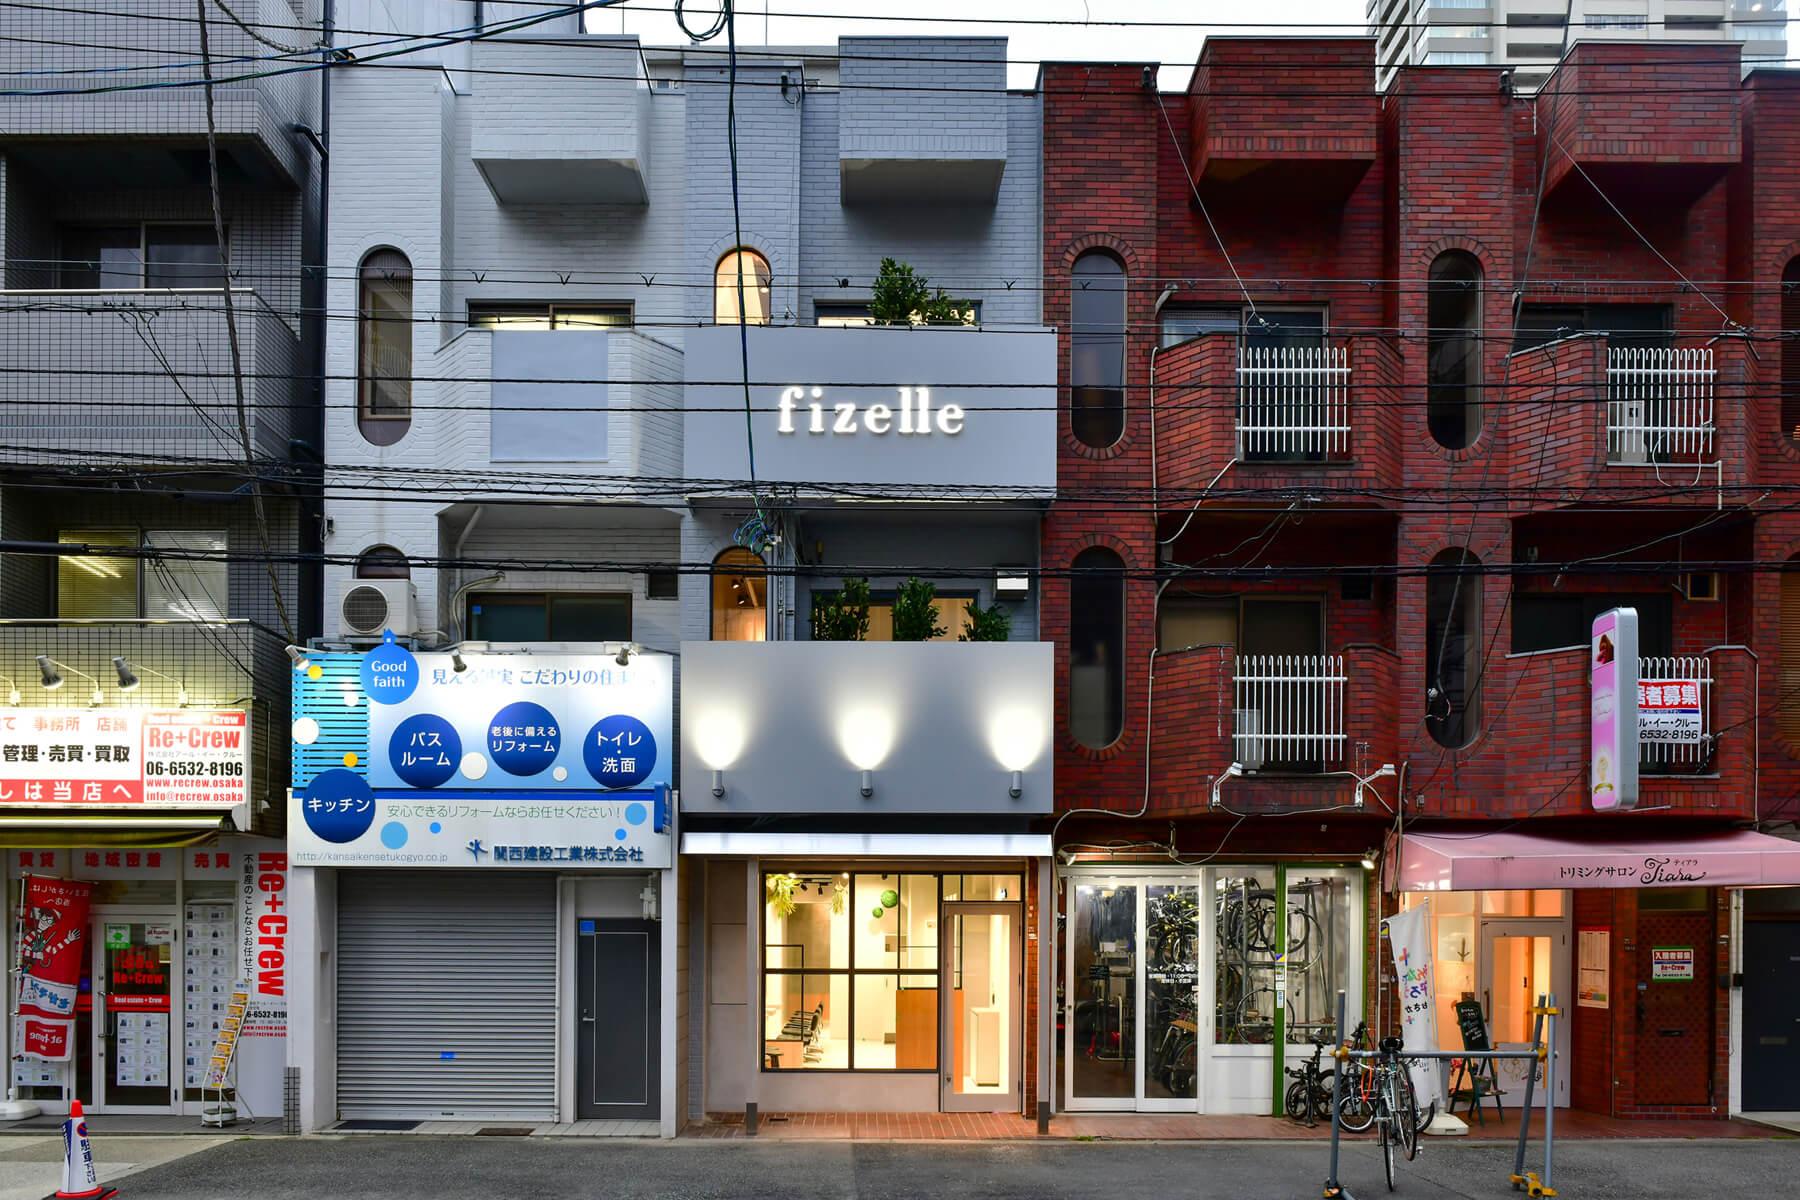 fizelle 南堀江店/Osaka